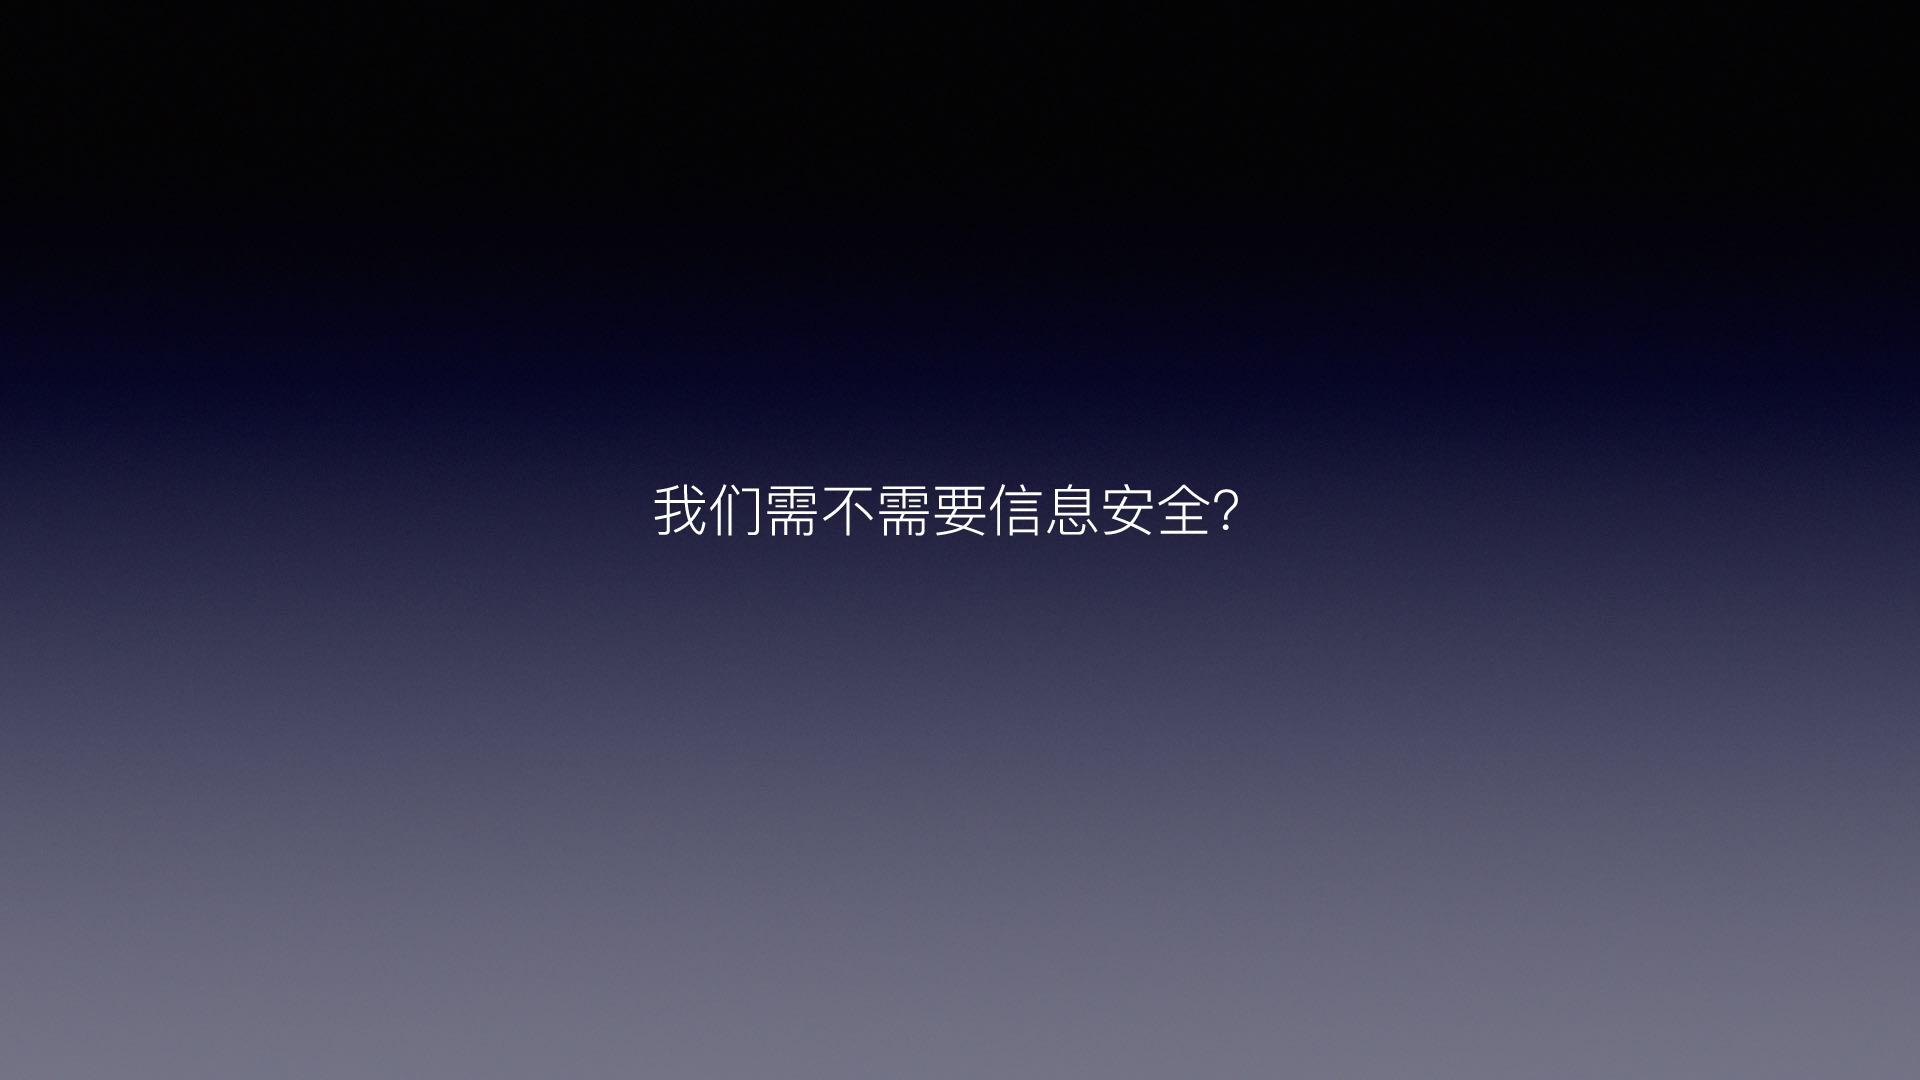 https://opentalk-blog.b0.upaiyun.com/prod/2017-10-31/c9260bd842788948ba51f5f8dc5d0c15